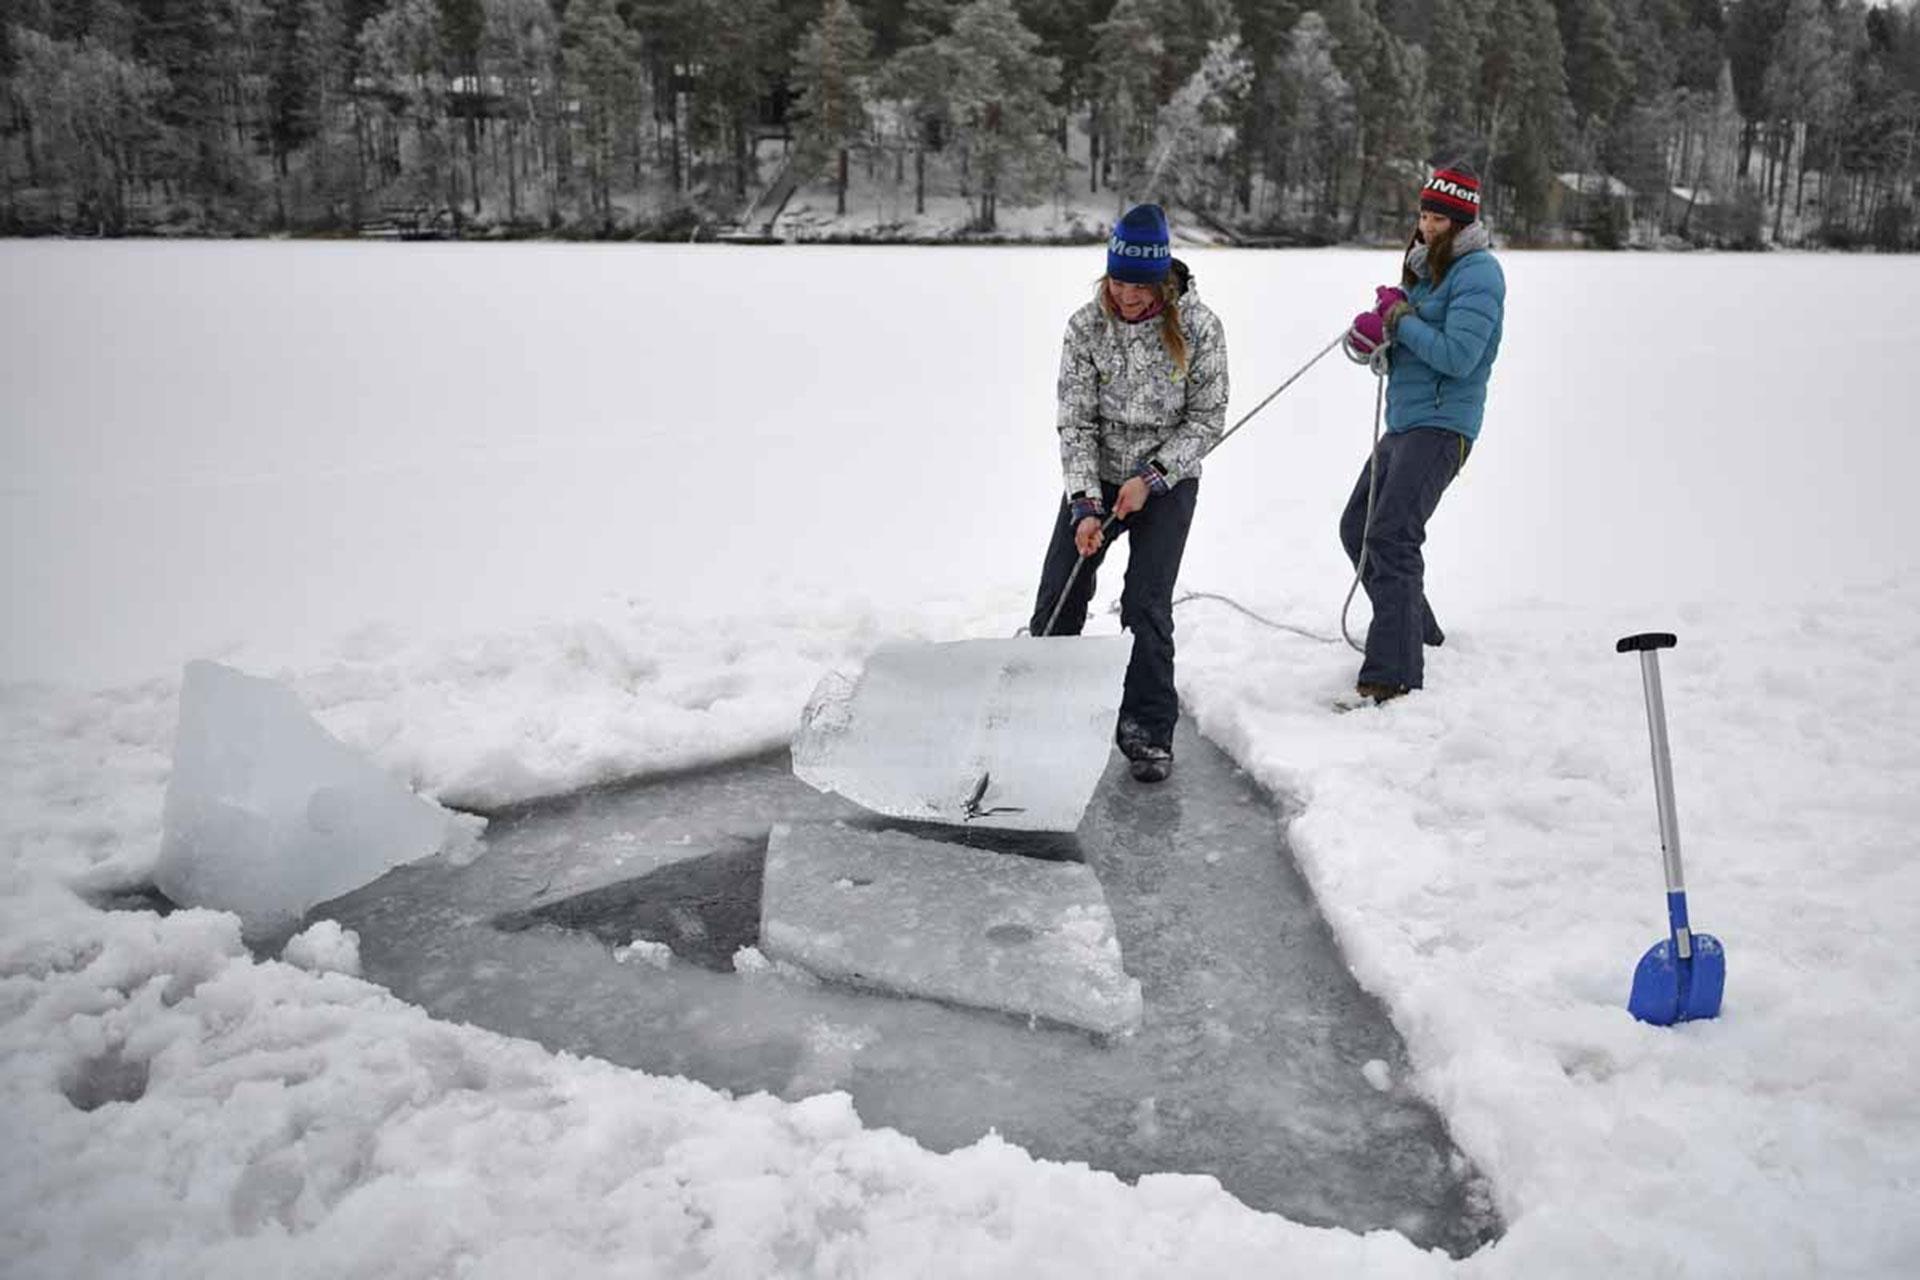 Johanna Nordbland y su hermana preparándose para bucear libremente bajo hielo (AFP)